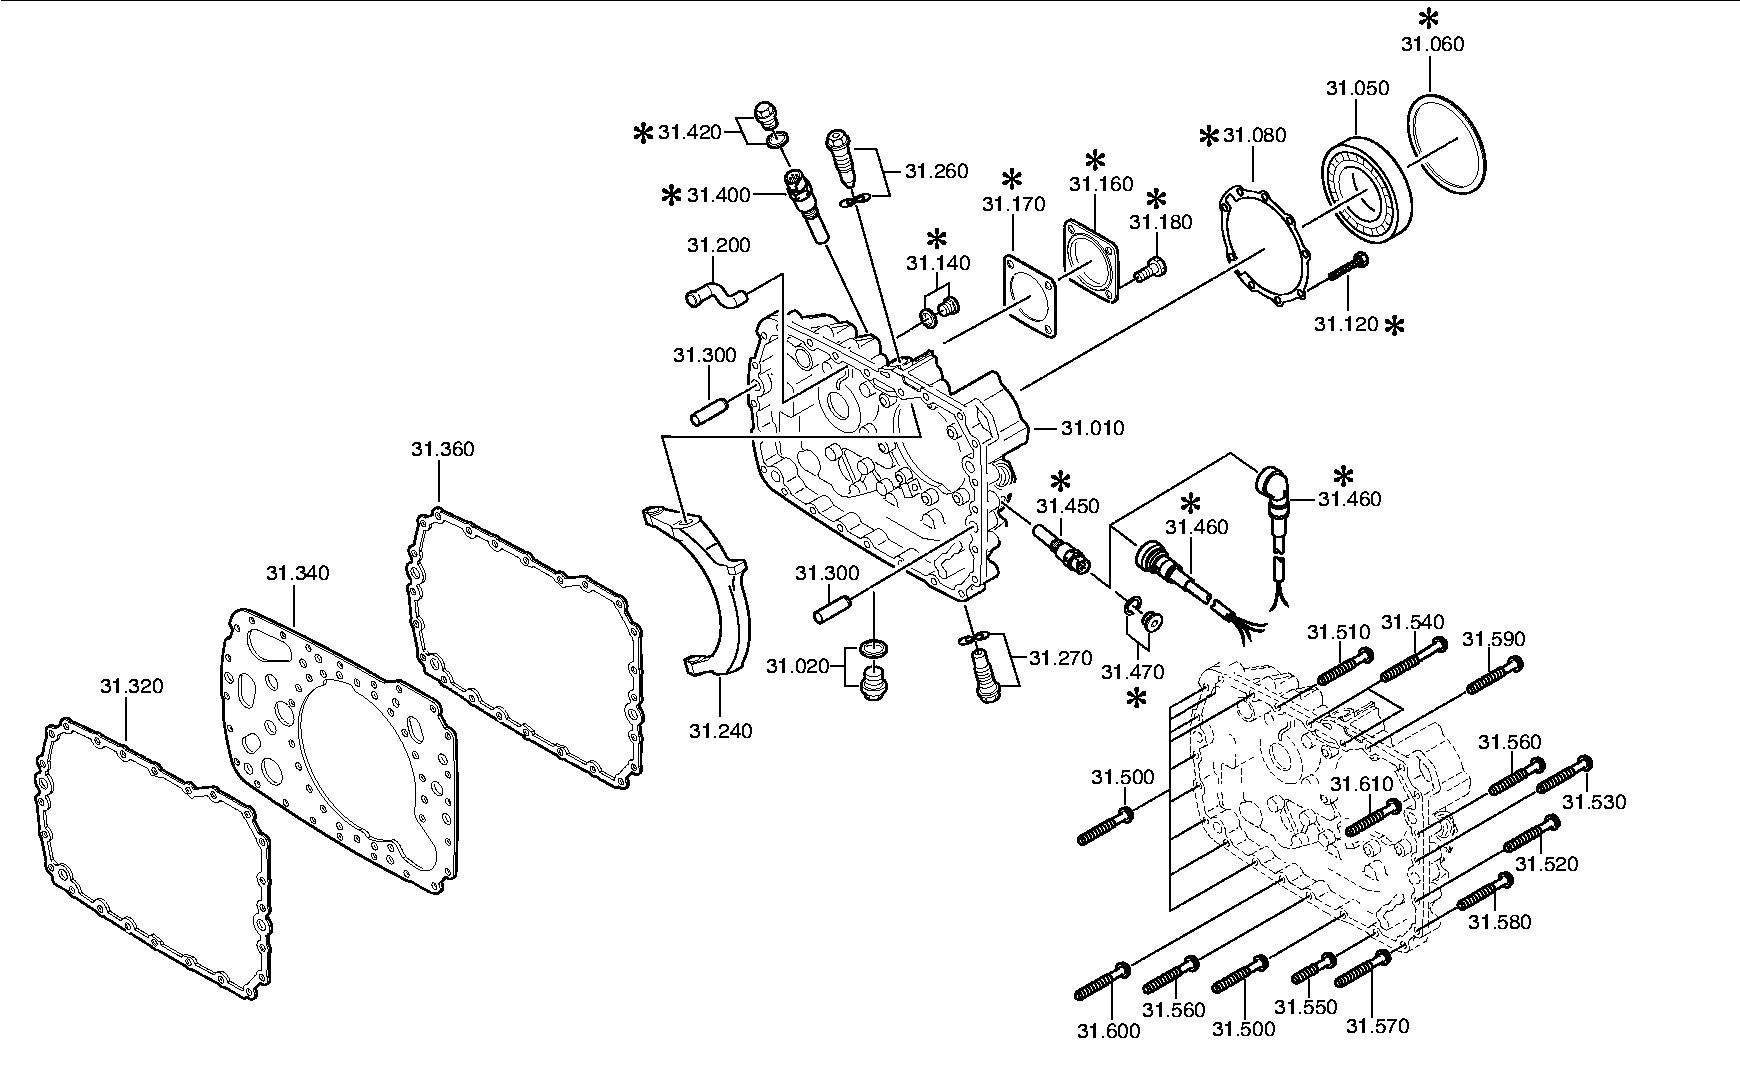 КПП ЯМЗ 238 с демультипликатором, схема, устройство ТД Спецмаш 38